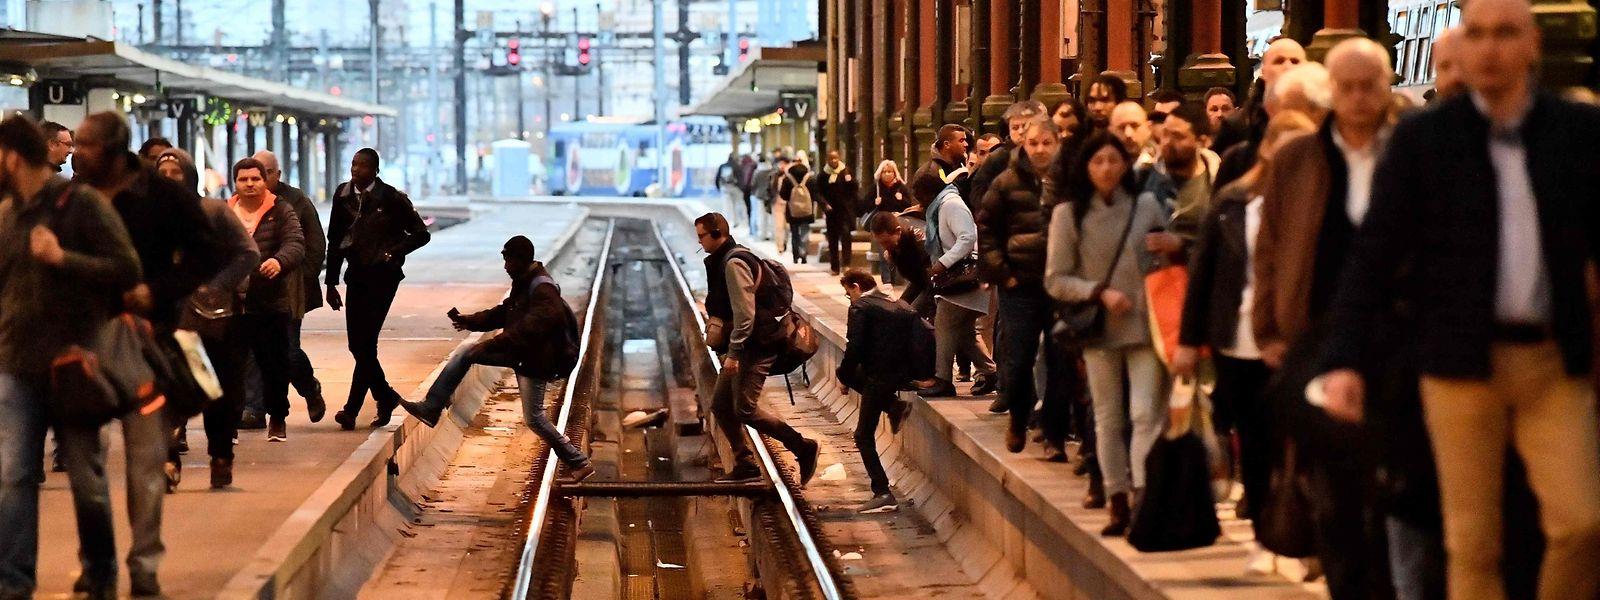 Der geplante Eisenbahnerstreik könnte sich über Monate hinziehen.